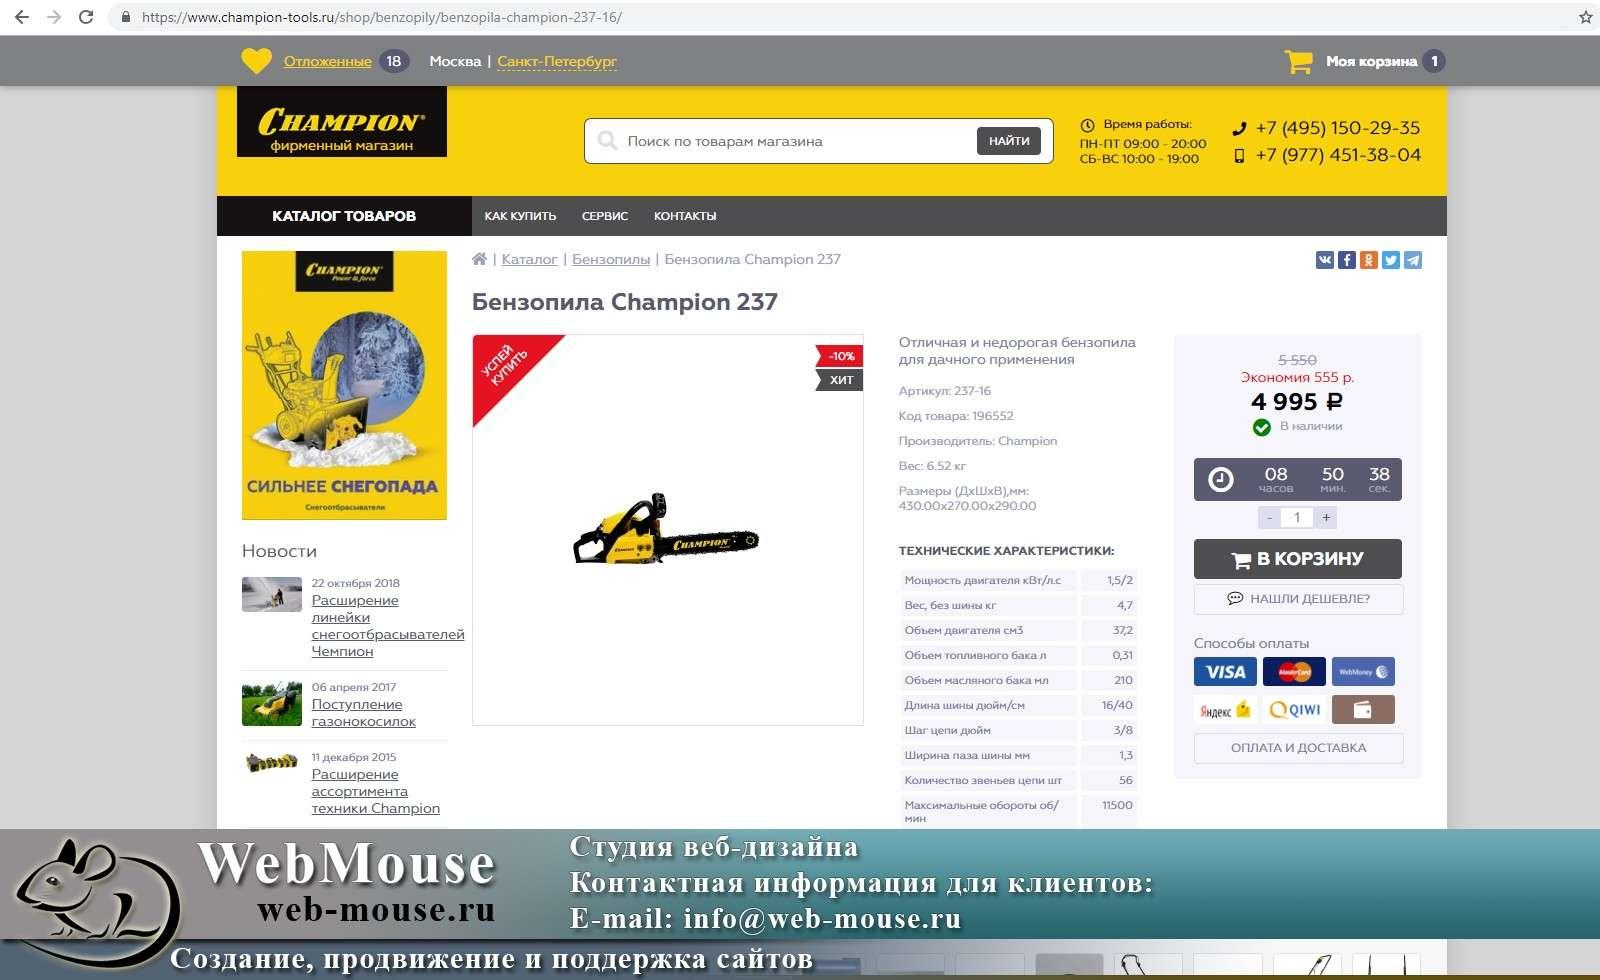 Магазин Champion Официальный Сайт На Русском